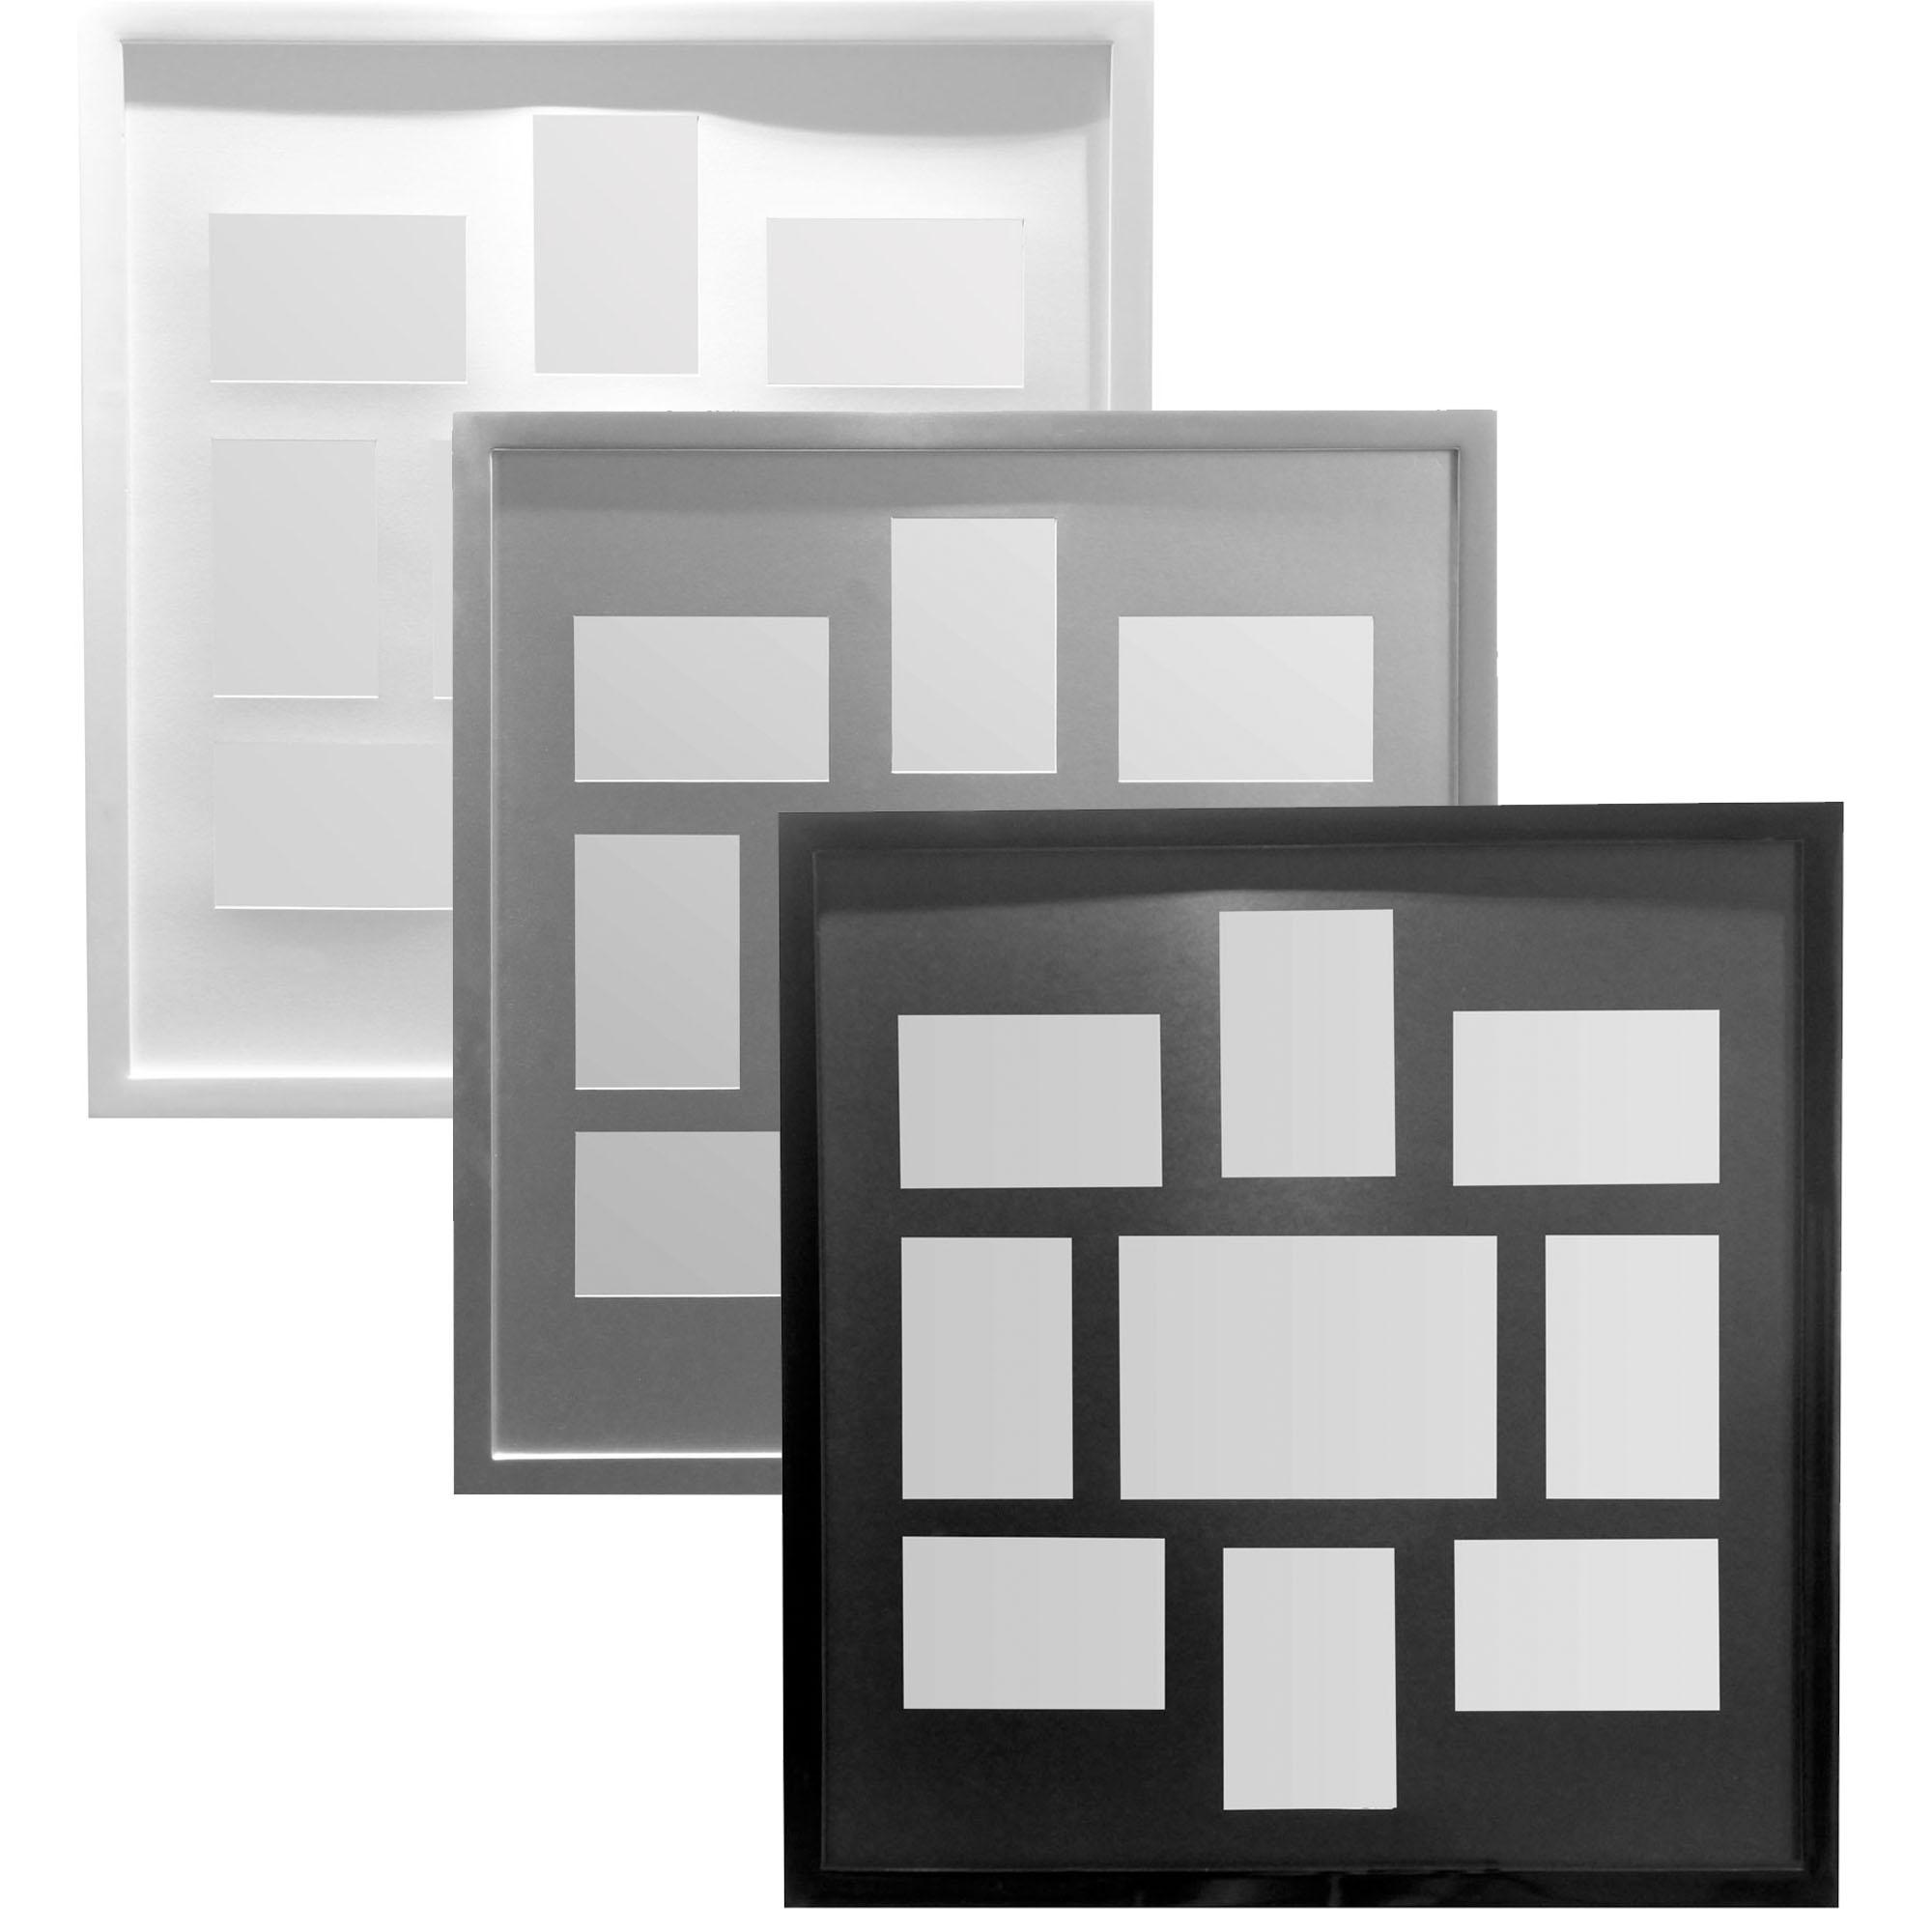 Großzügig Multi Apertur Bilderrahmen Bilder - Benutzerdefinierte ...